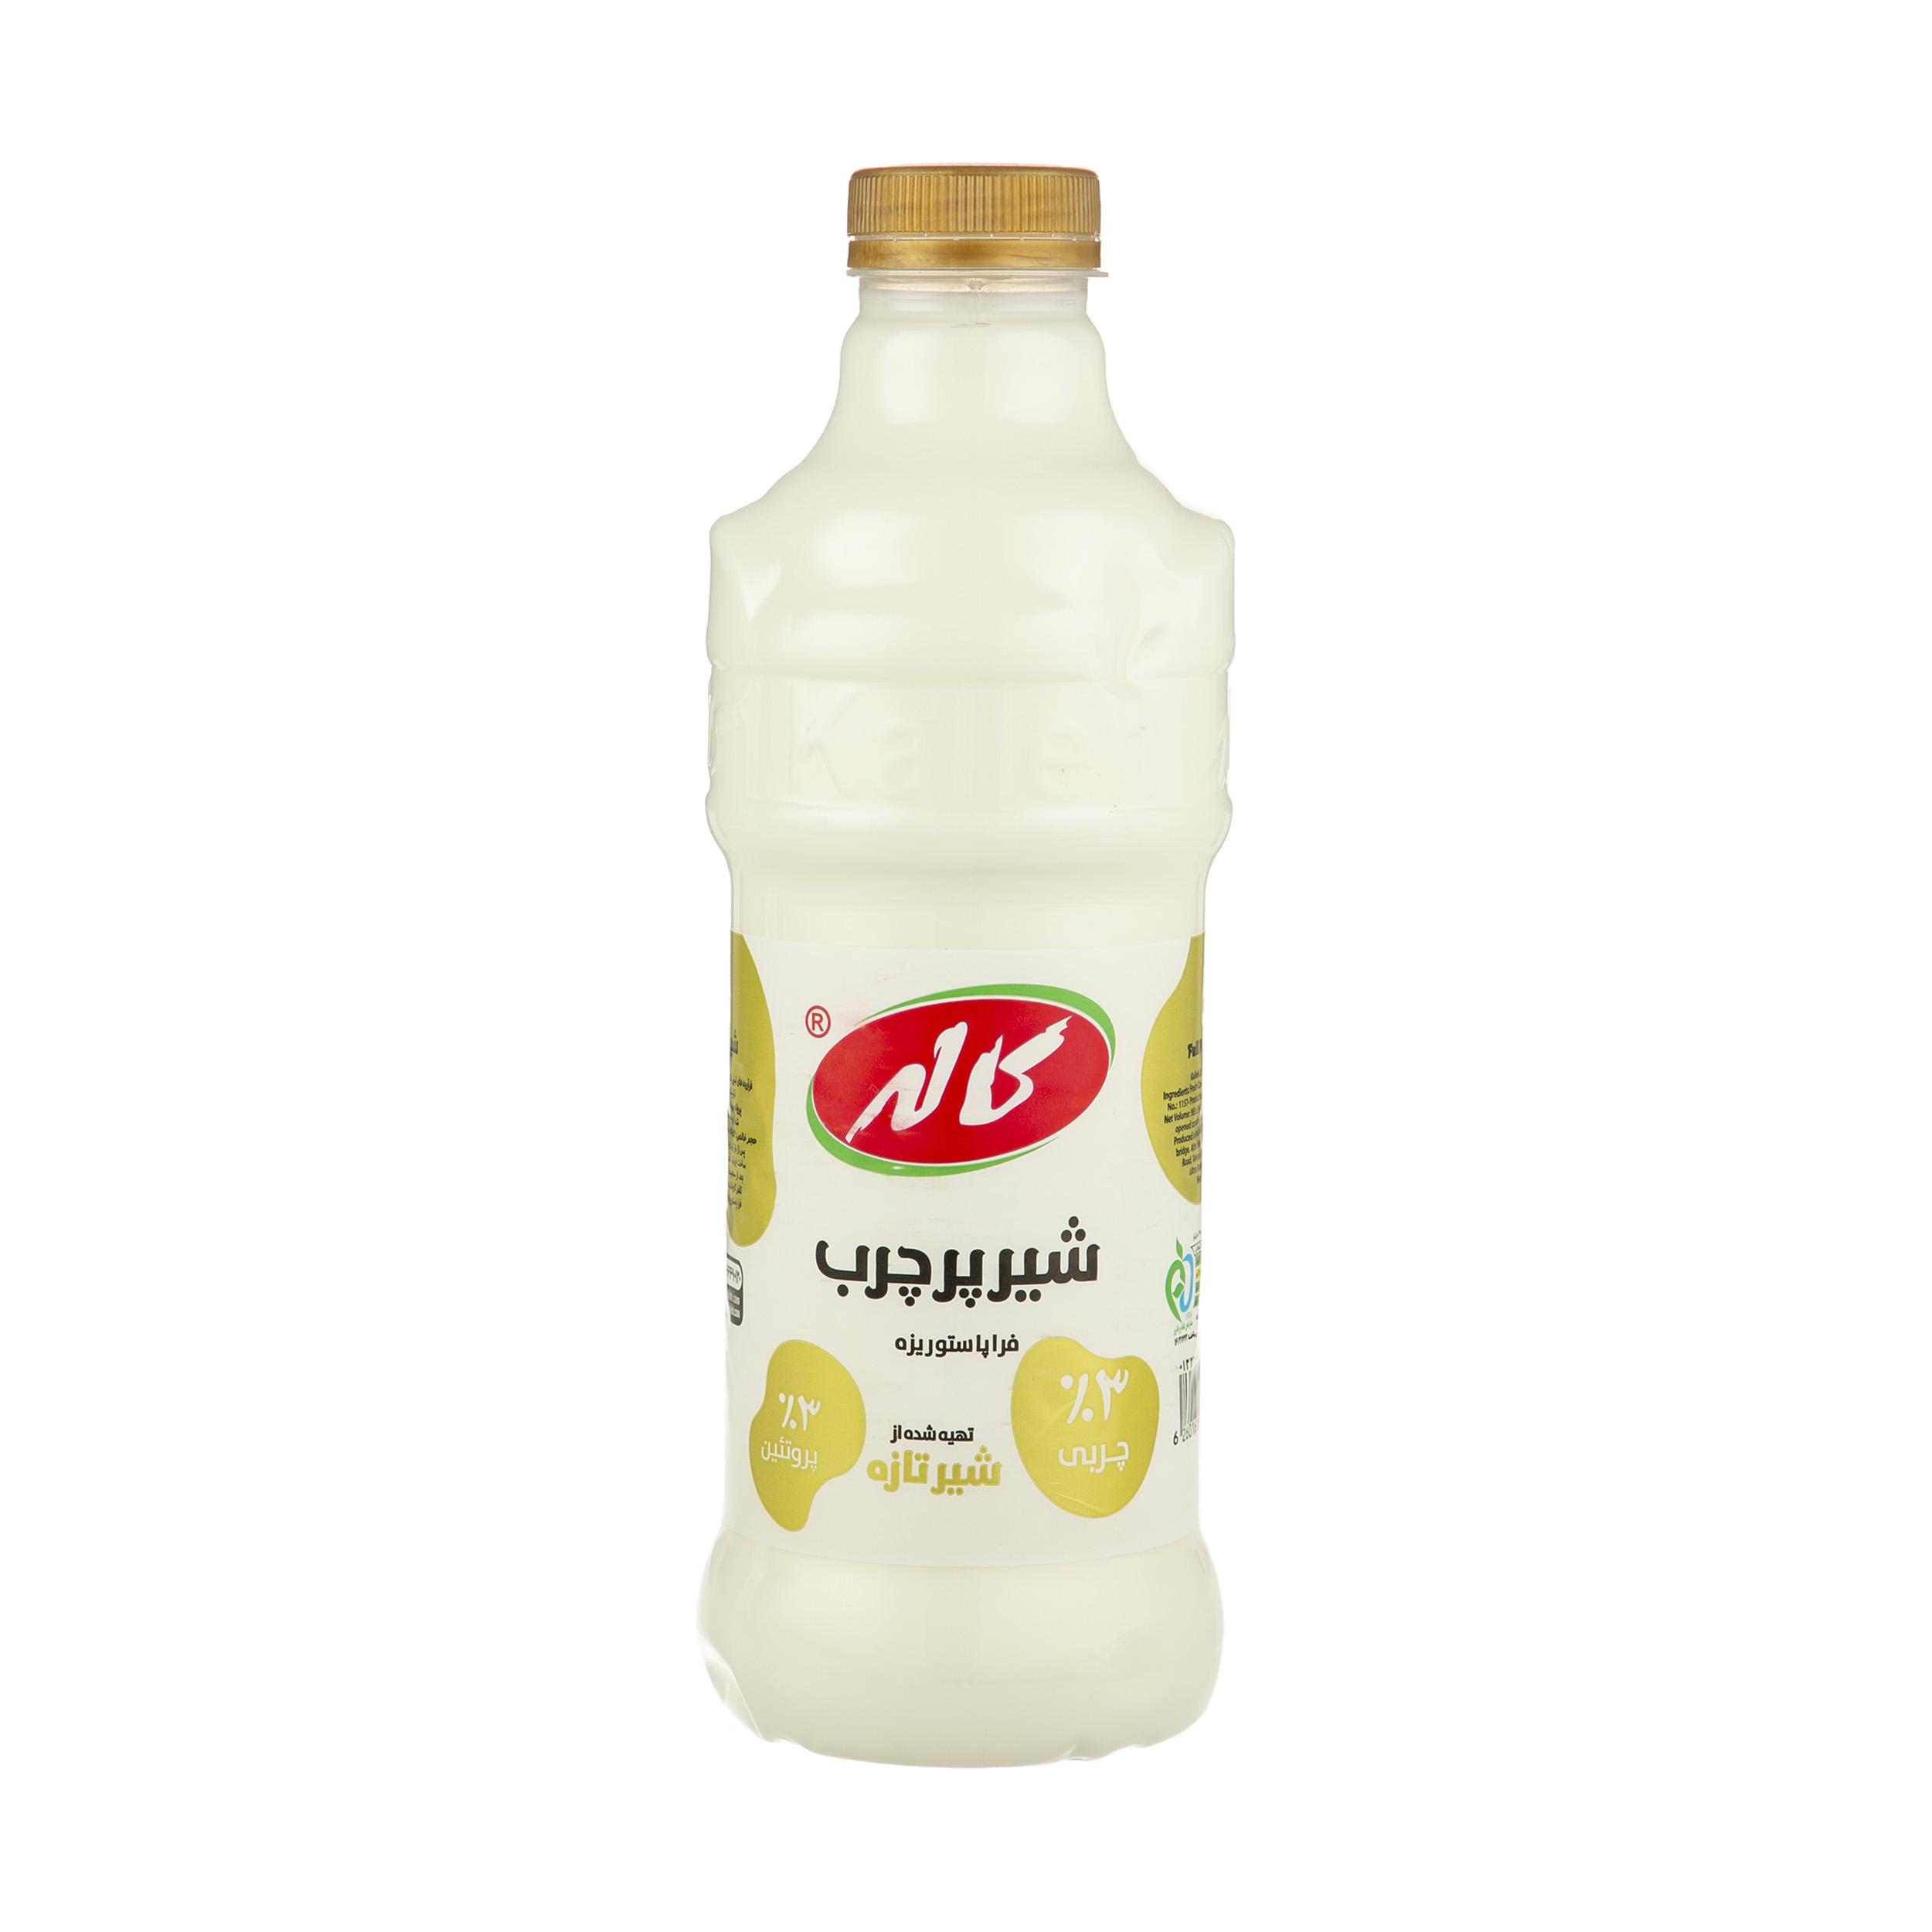 شیر پر چرب کاله وزن 955 میلی لیتر